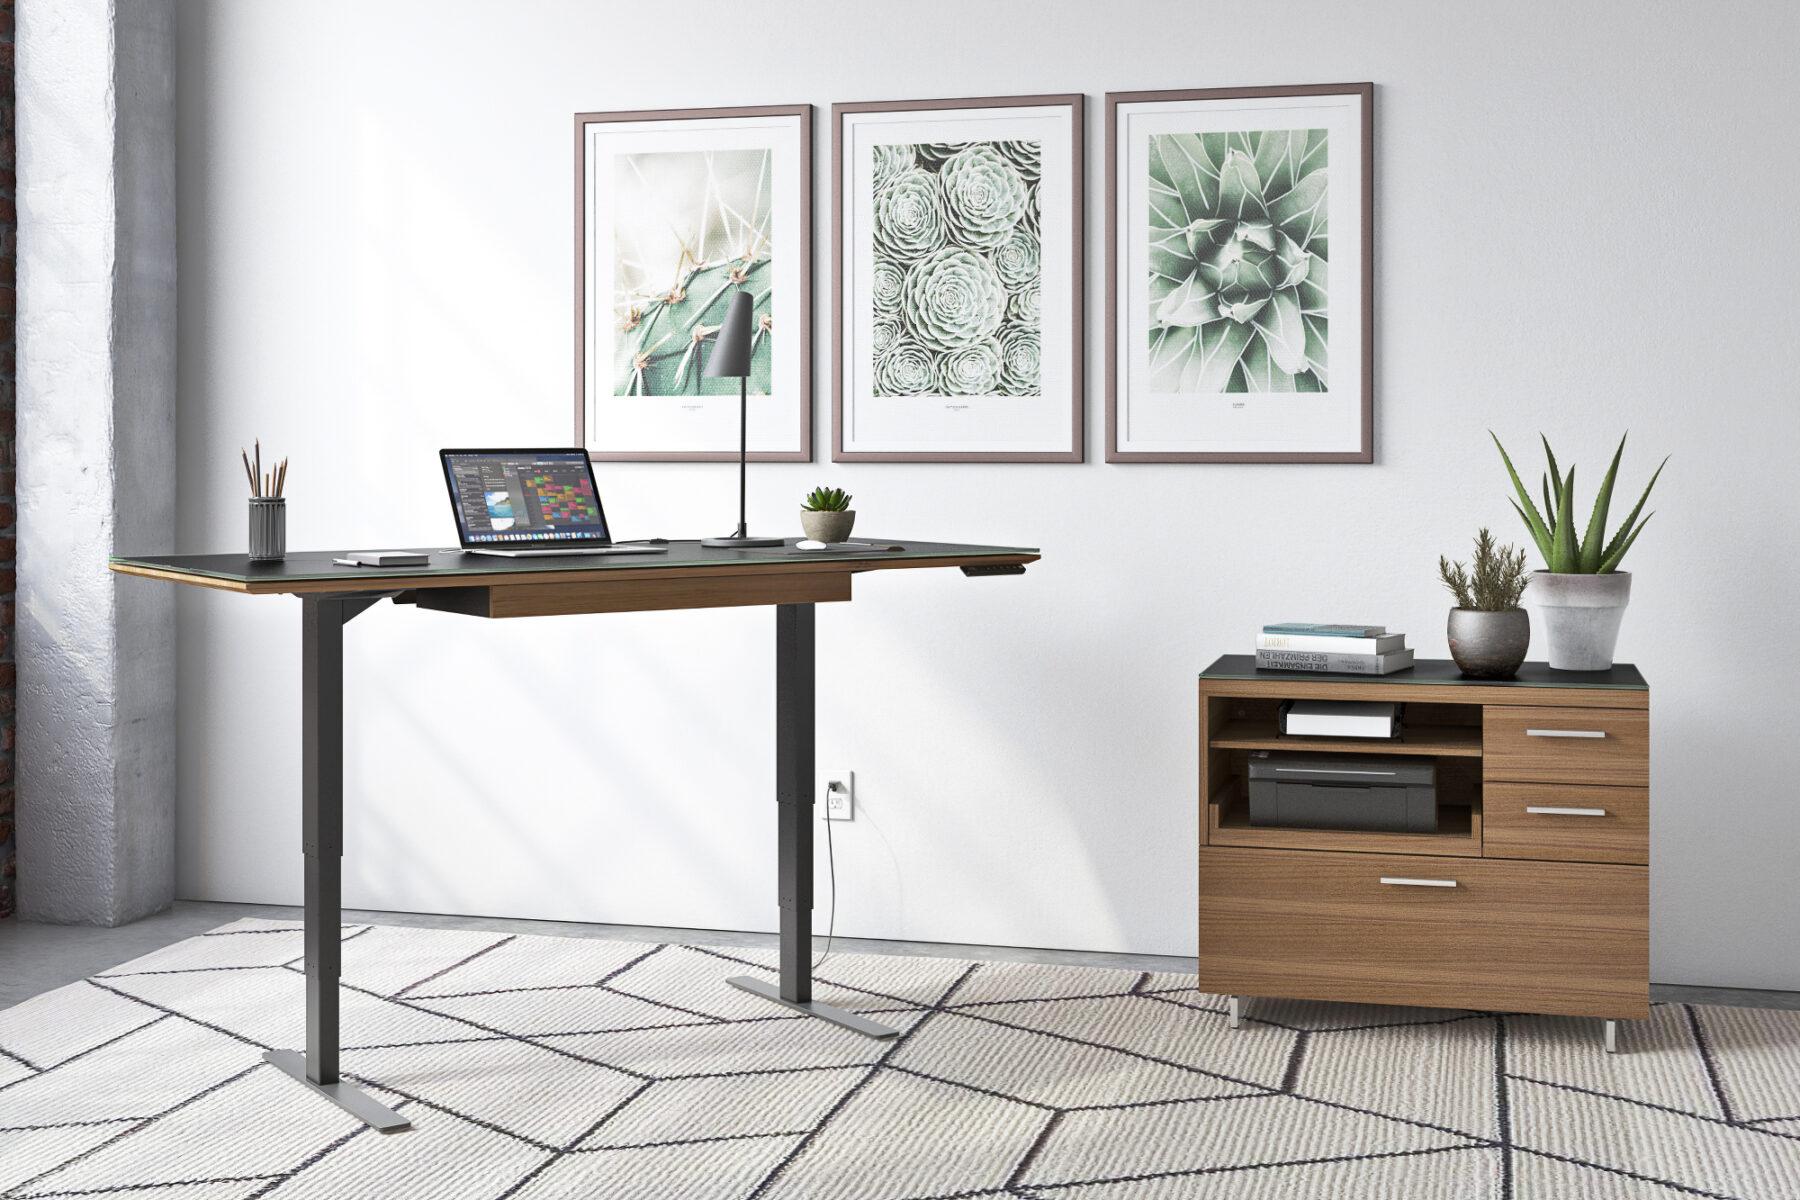 sequel-lift-desk-6152-6159-6117-wl-modern-standing-desk-5b